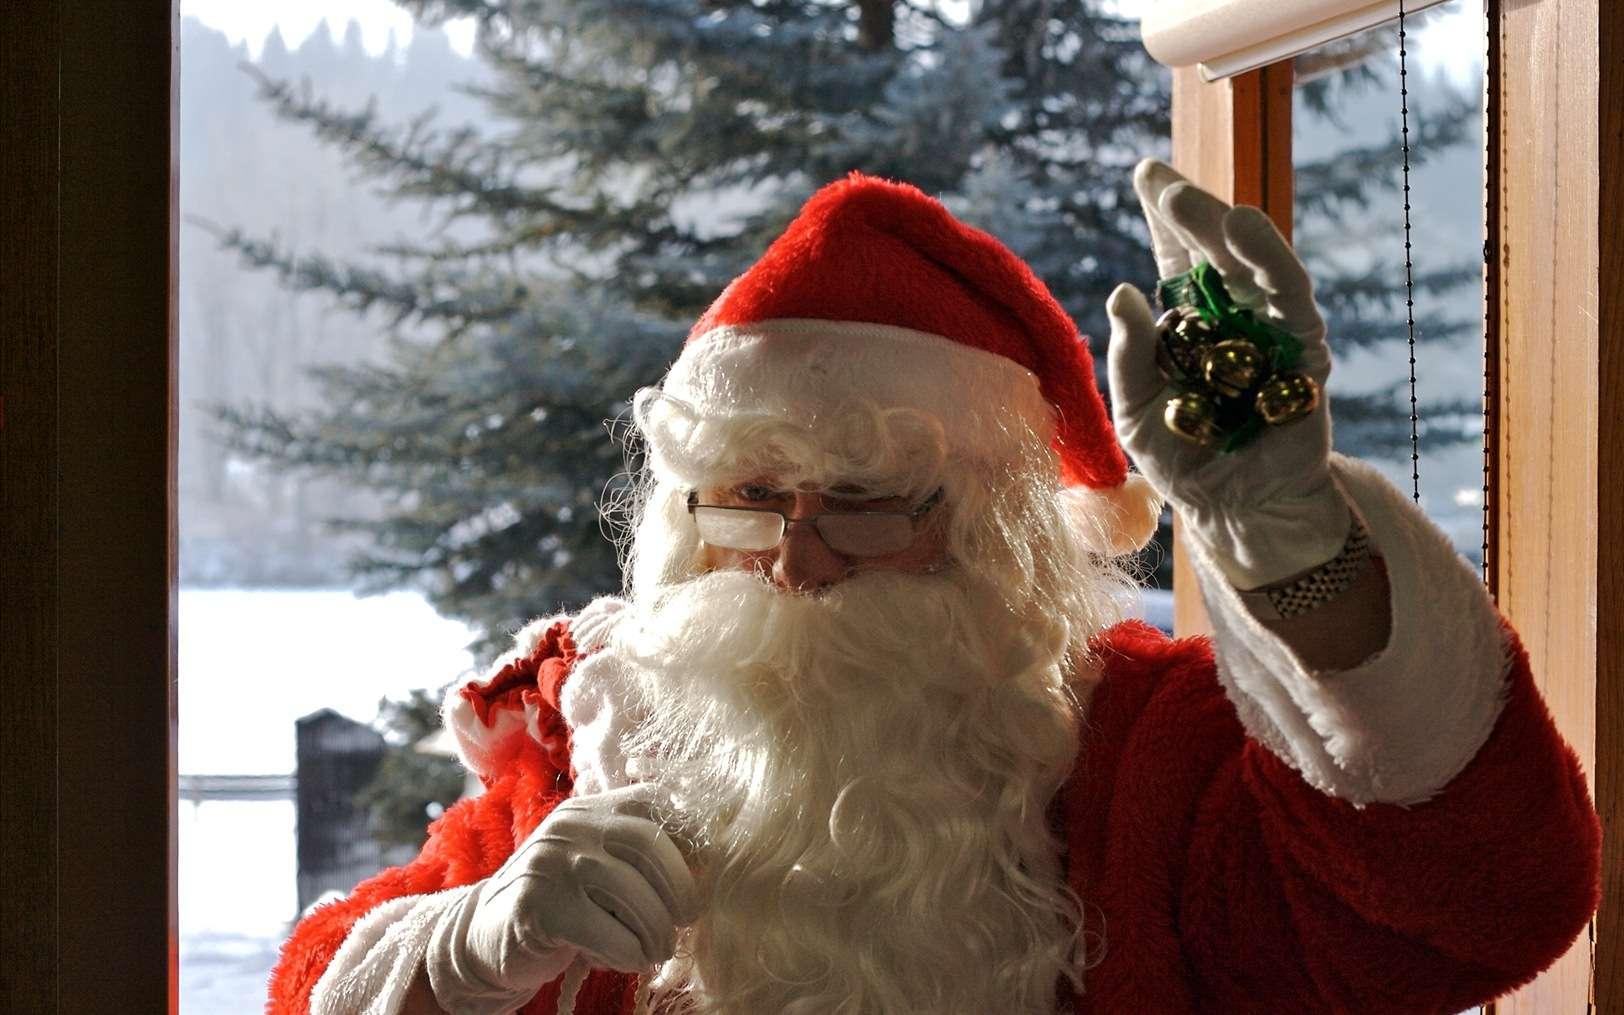 Alors que certains célébreront les fêtes de fin d'année en famille, le père Noël sera lui sur le pont, volant à 8.000 km/h sur son traîneau pour veiller à ce que tous les enfants du monde puisse avoir leurs cadeaux. © D'arcy Norman, Fotopedia, cc by 2.0